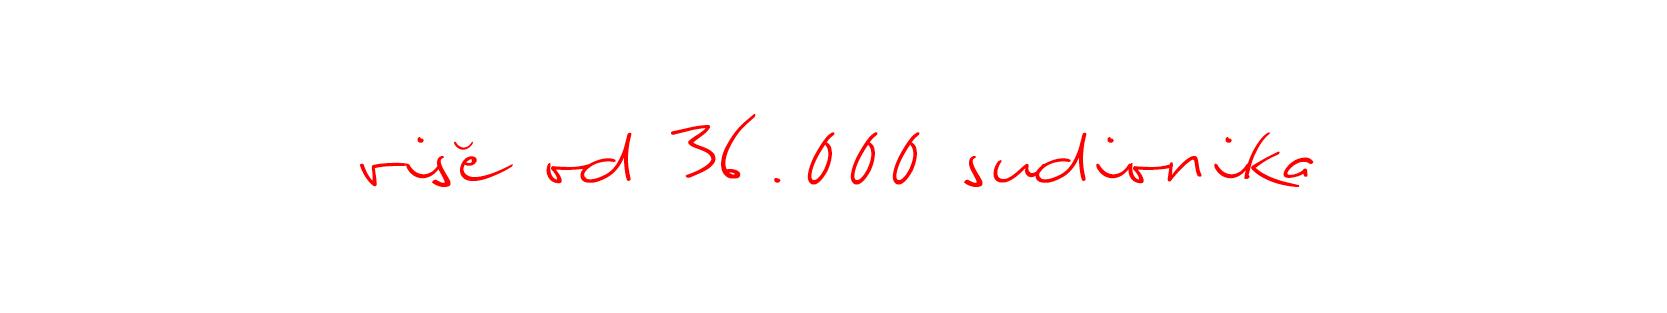 Više od 36000 sudionika